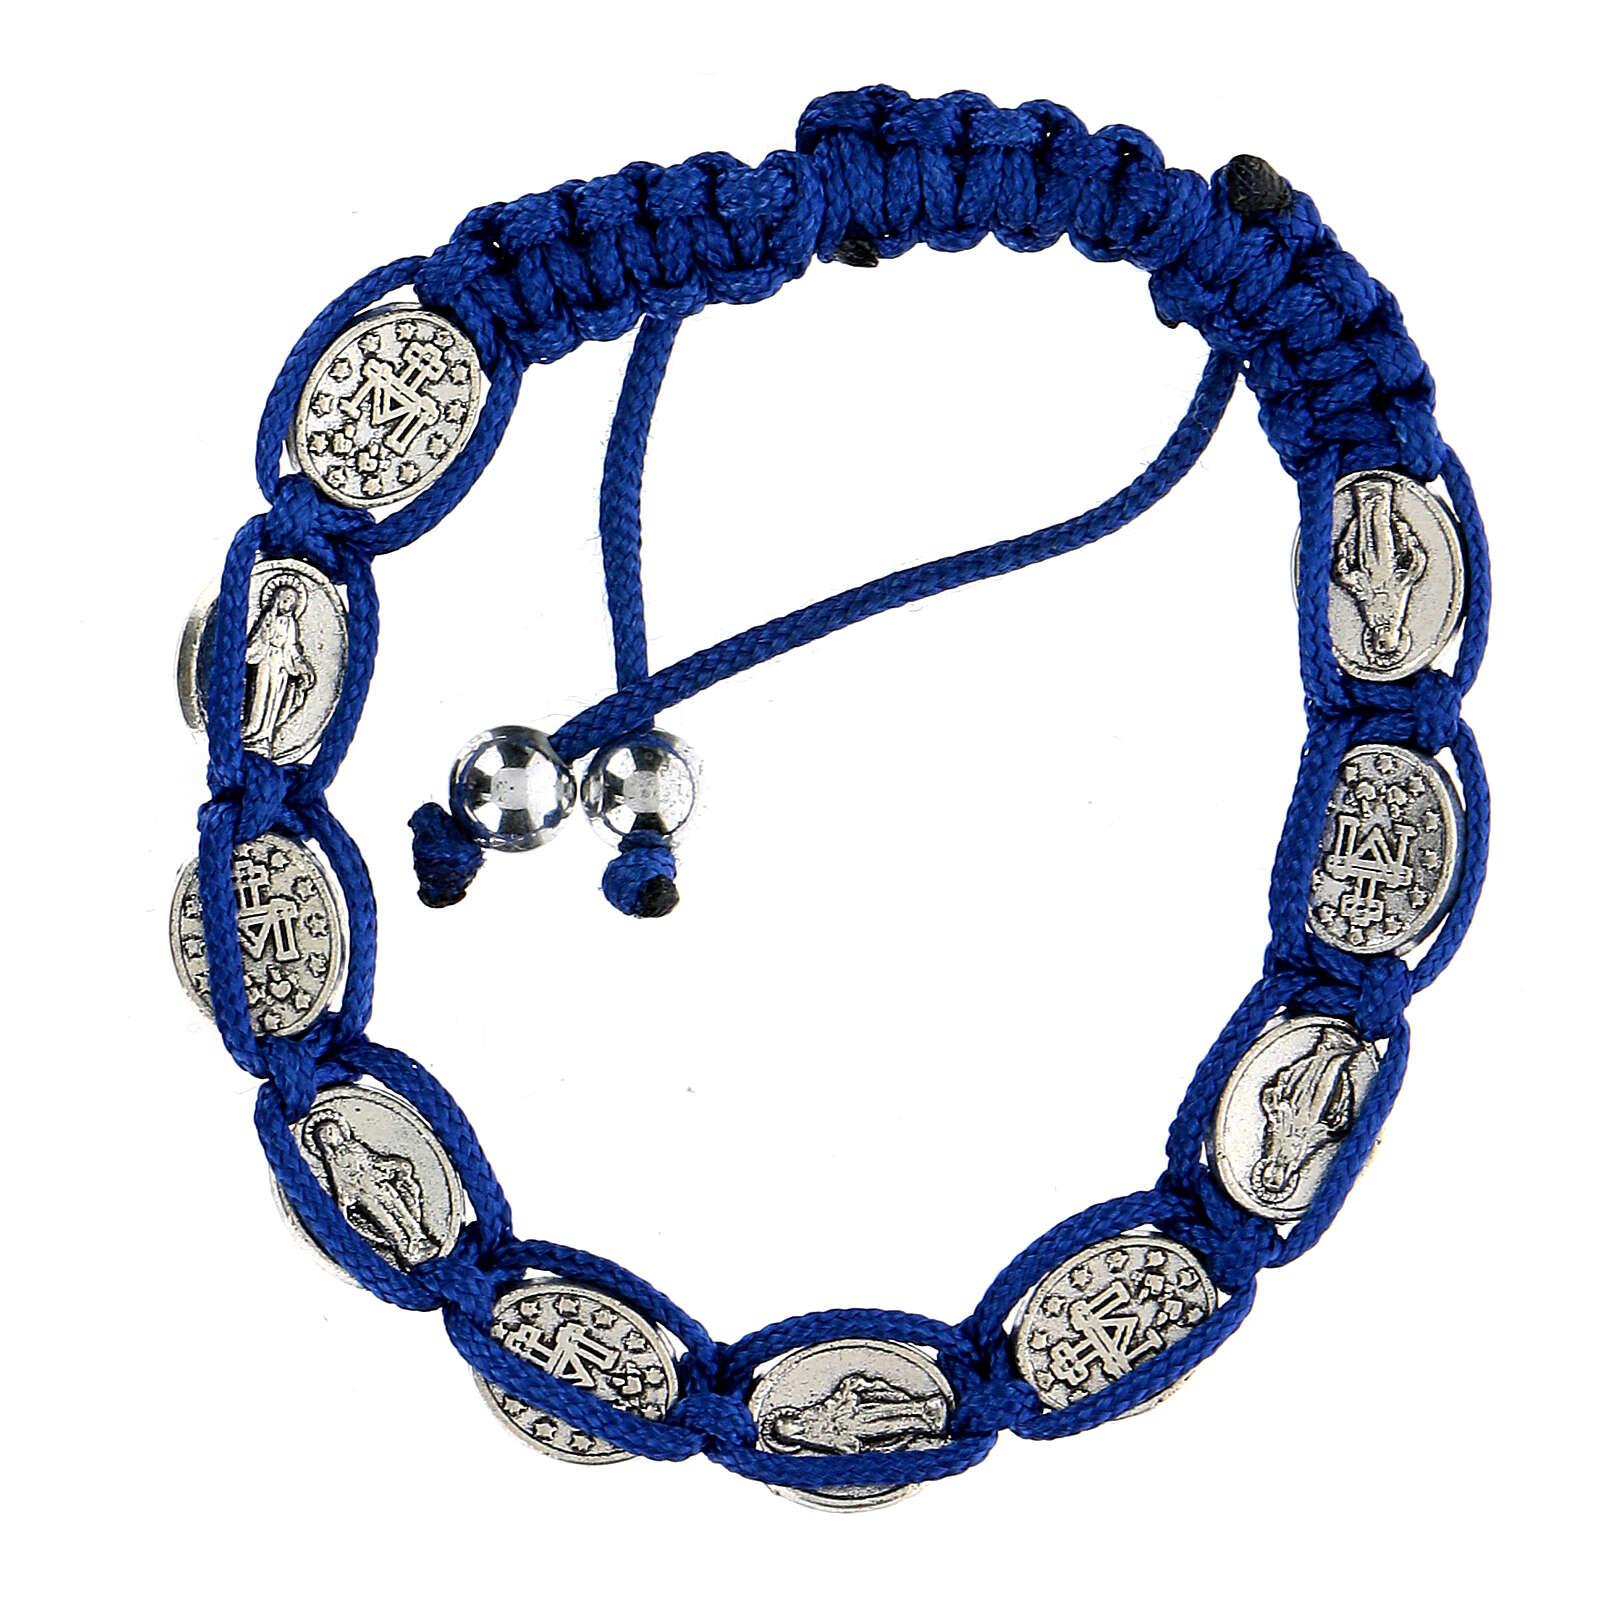 Pulseira dezena Nossa Senhora corda azul 6 mm 4